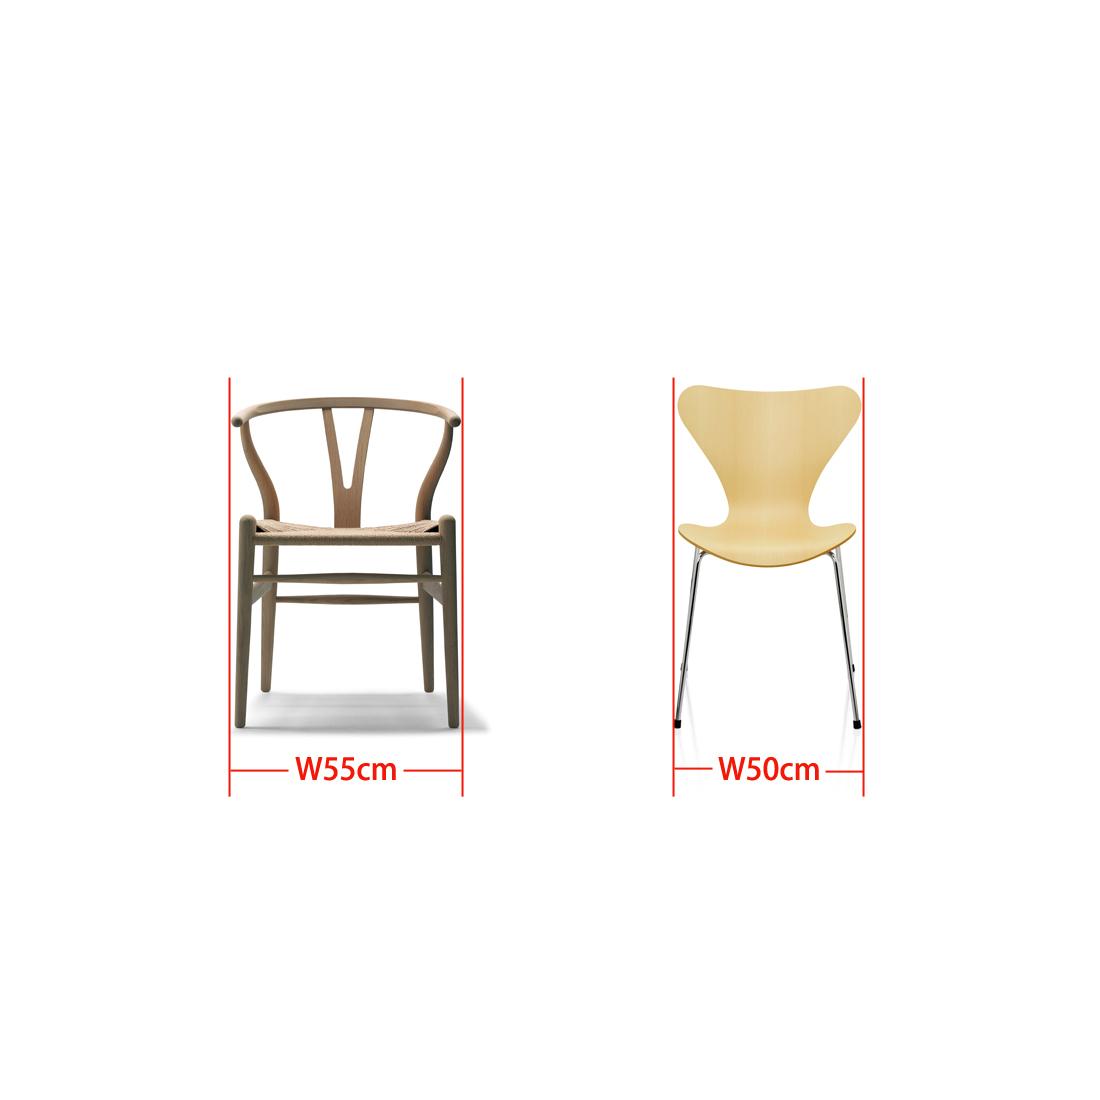 チェアと他の椅子の横幅比較